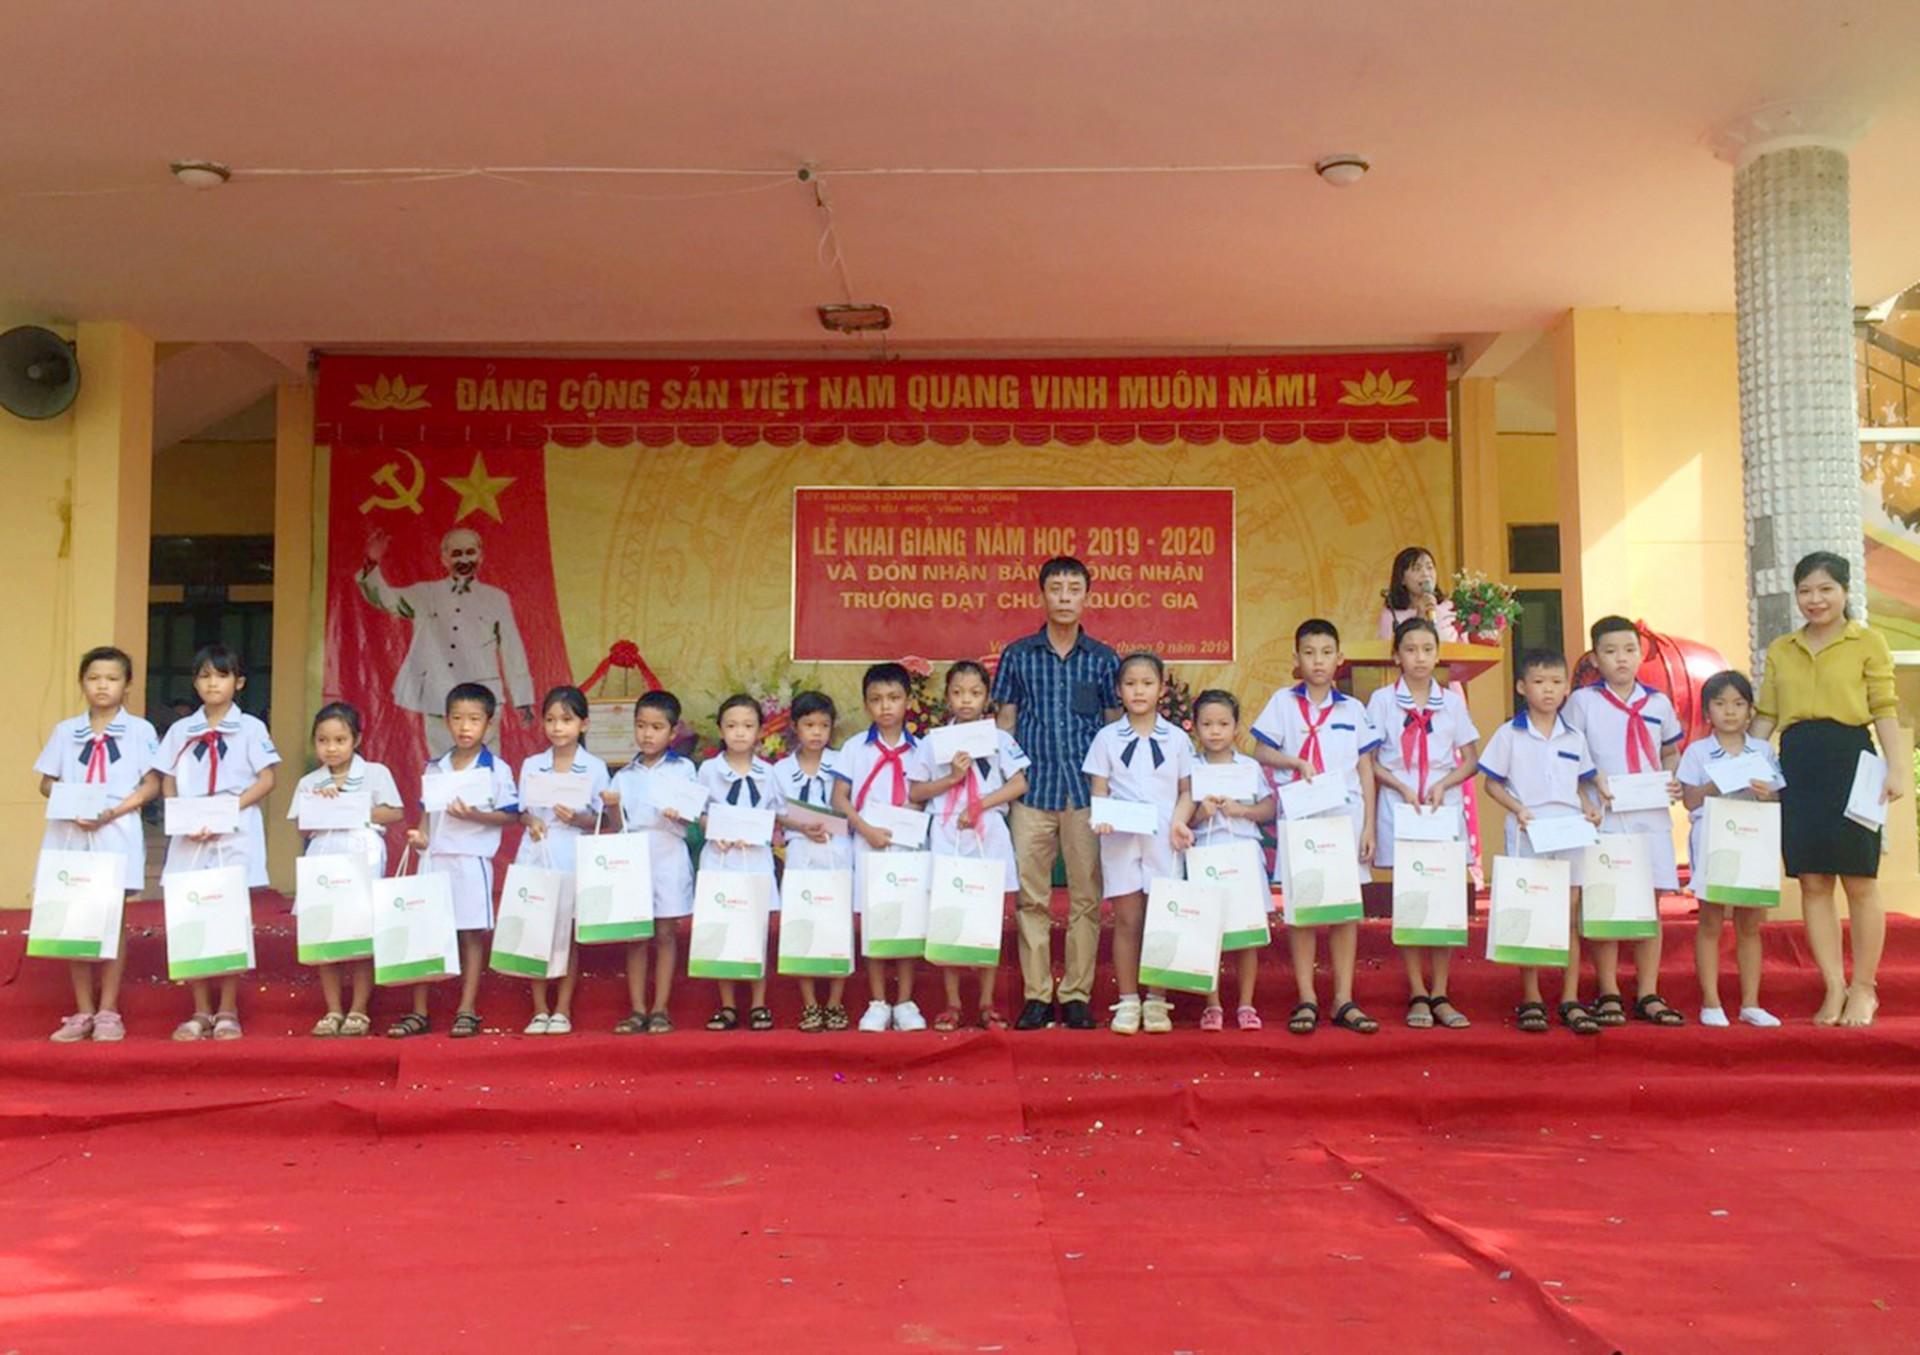 """Chương trình """"Thắp sáng ước mơ đến trường"""" của Công ty CP Giấy An Hoà"""